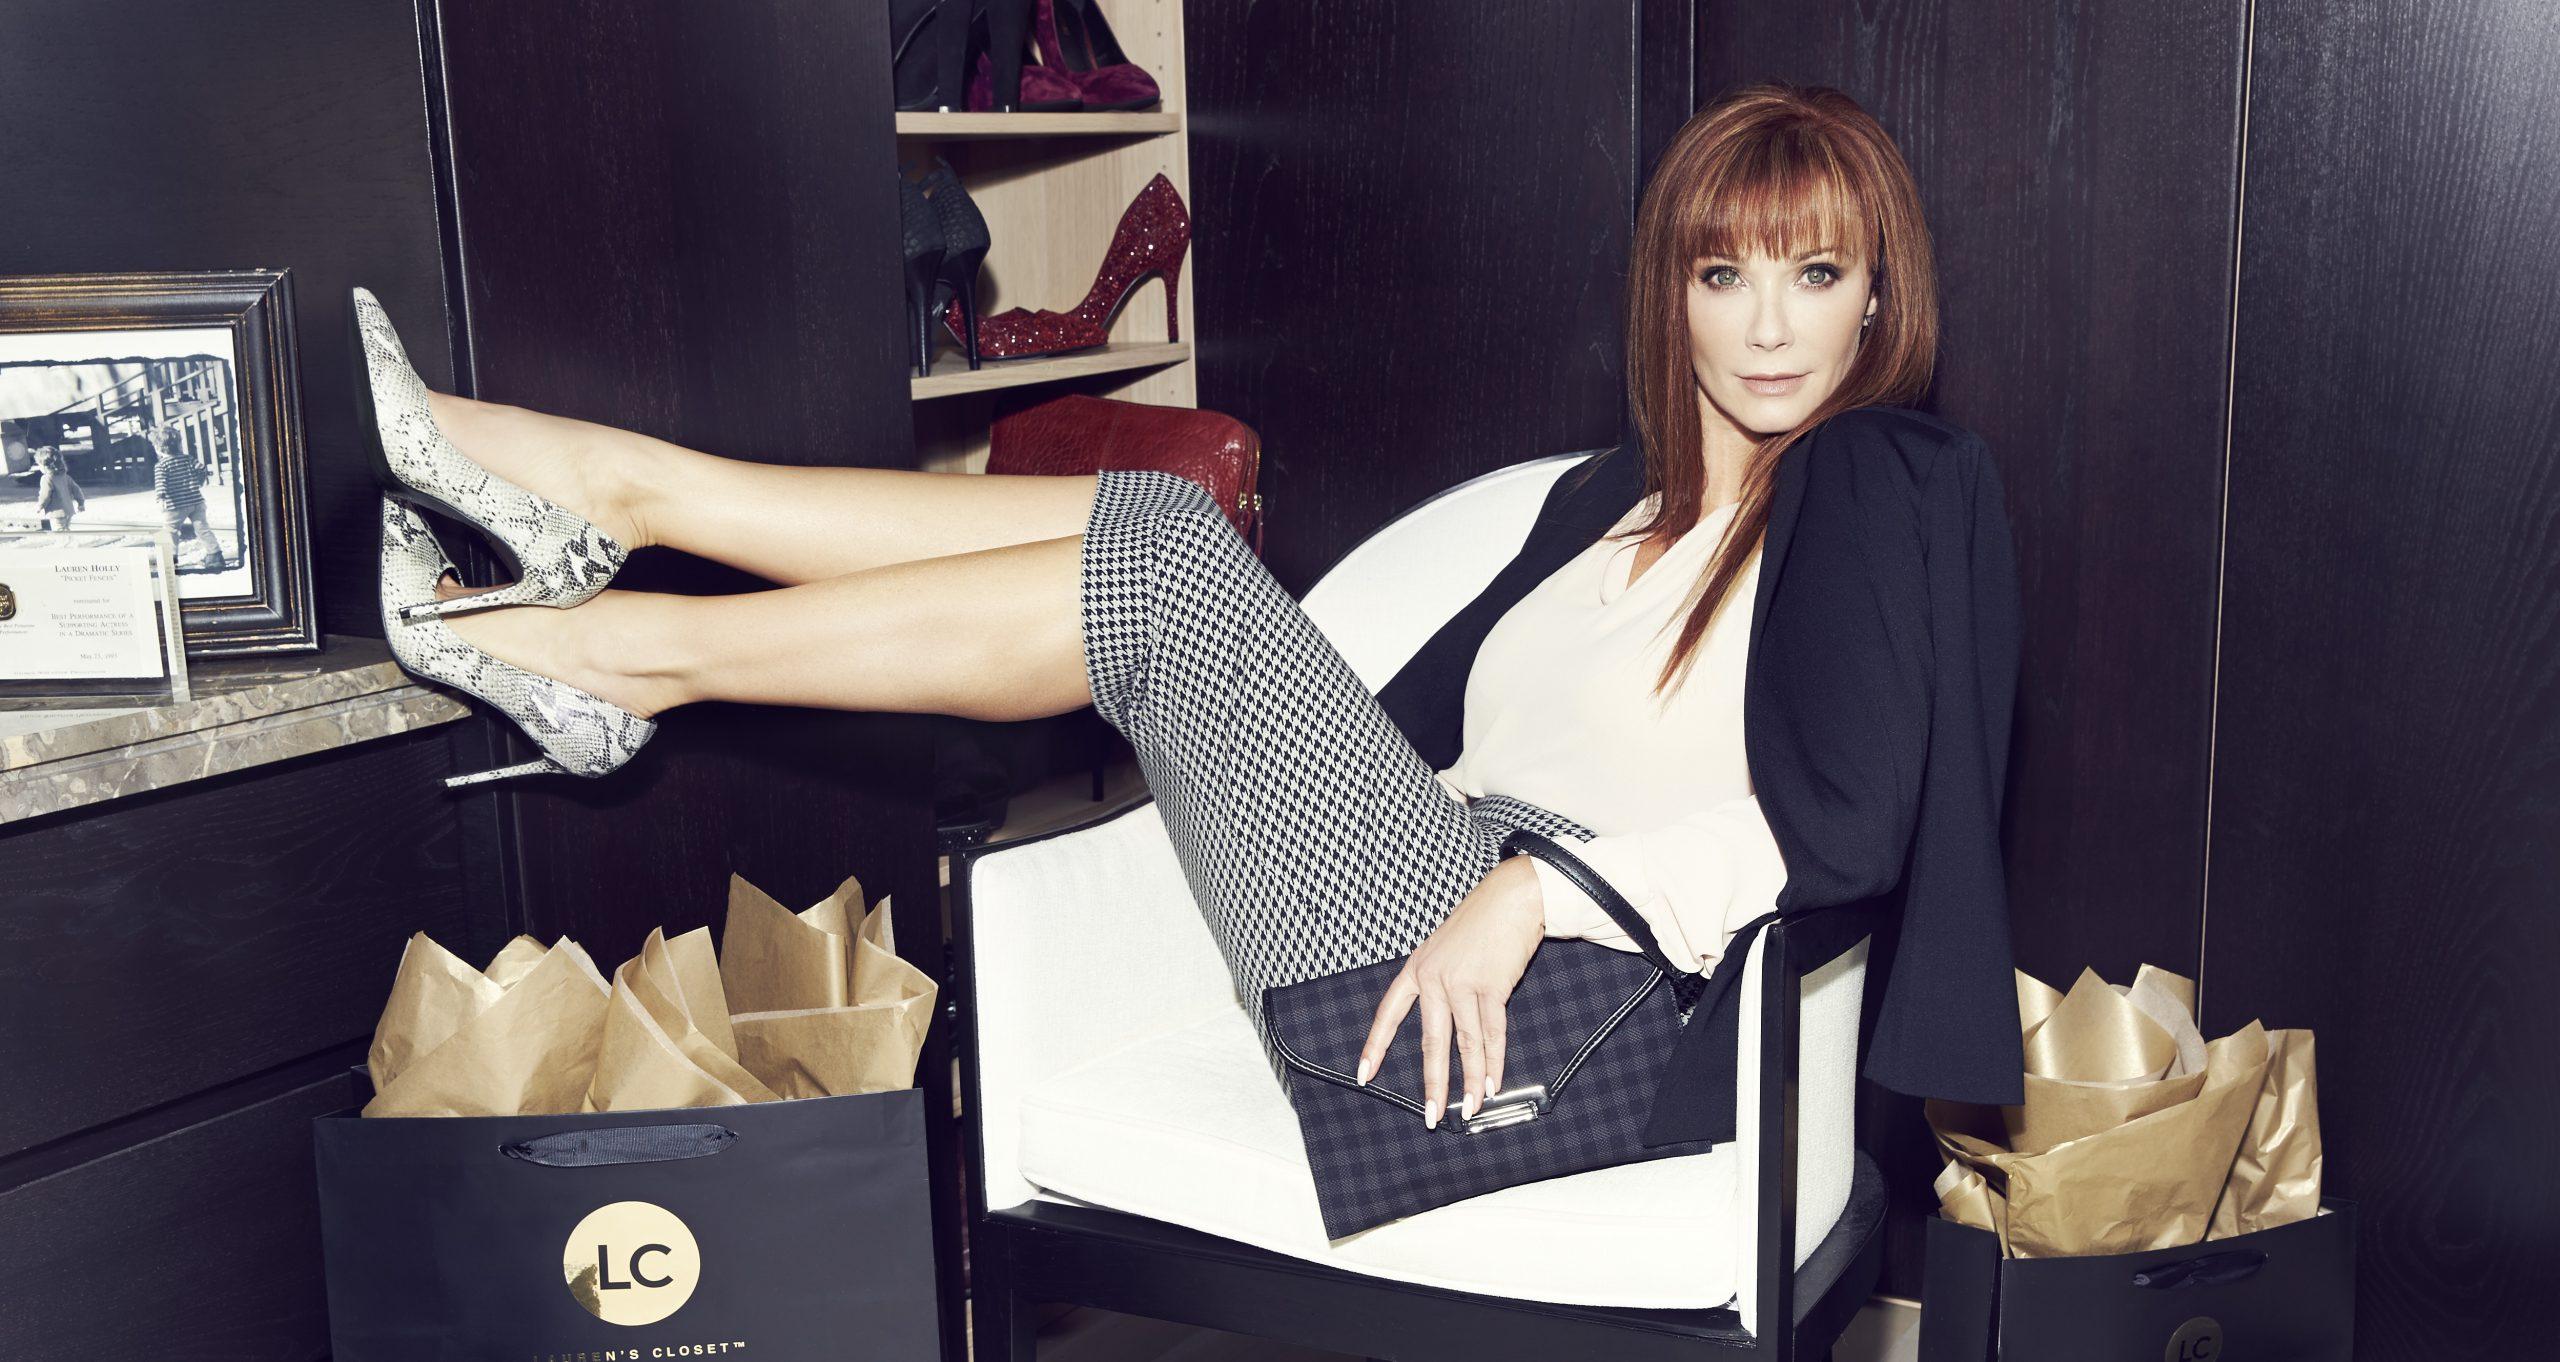 Fall Fashion in Lauren's Closet